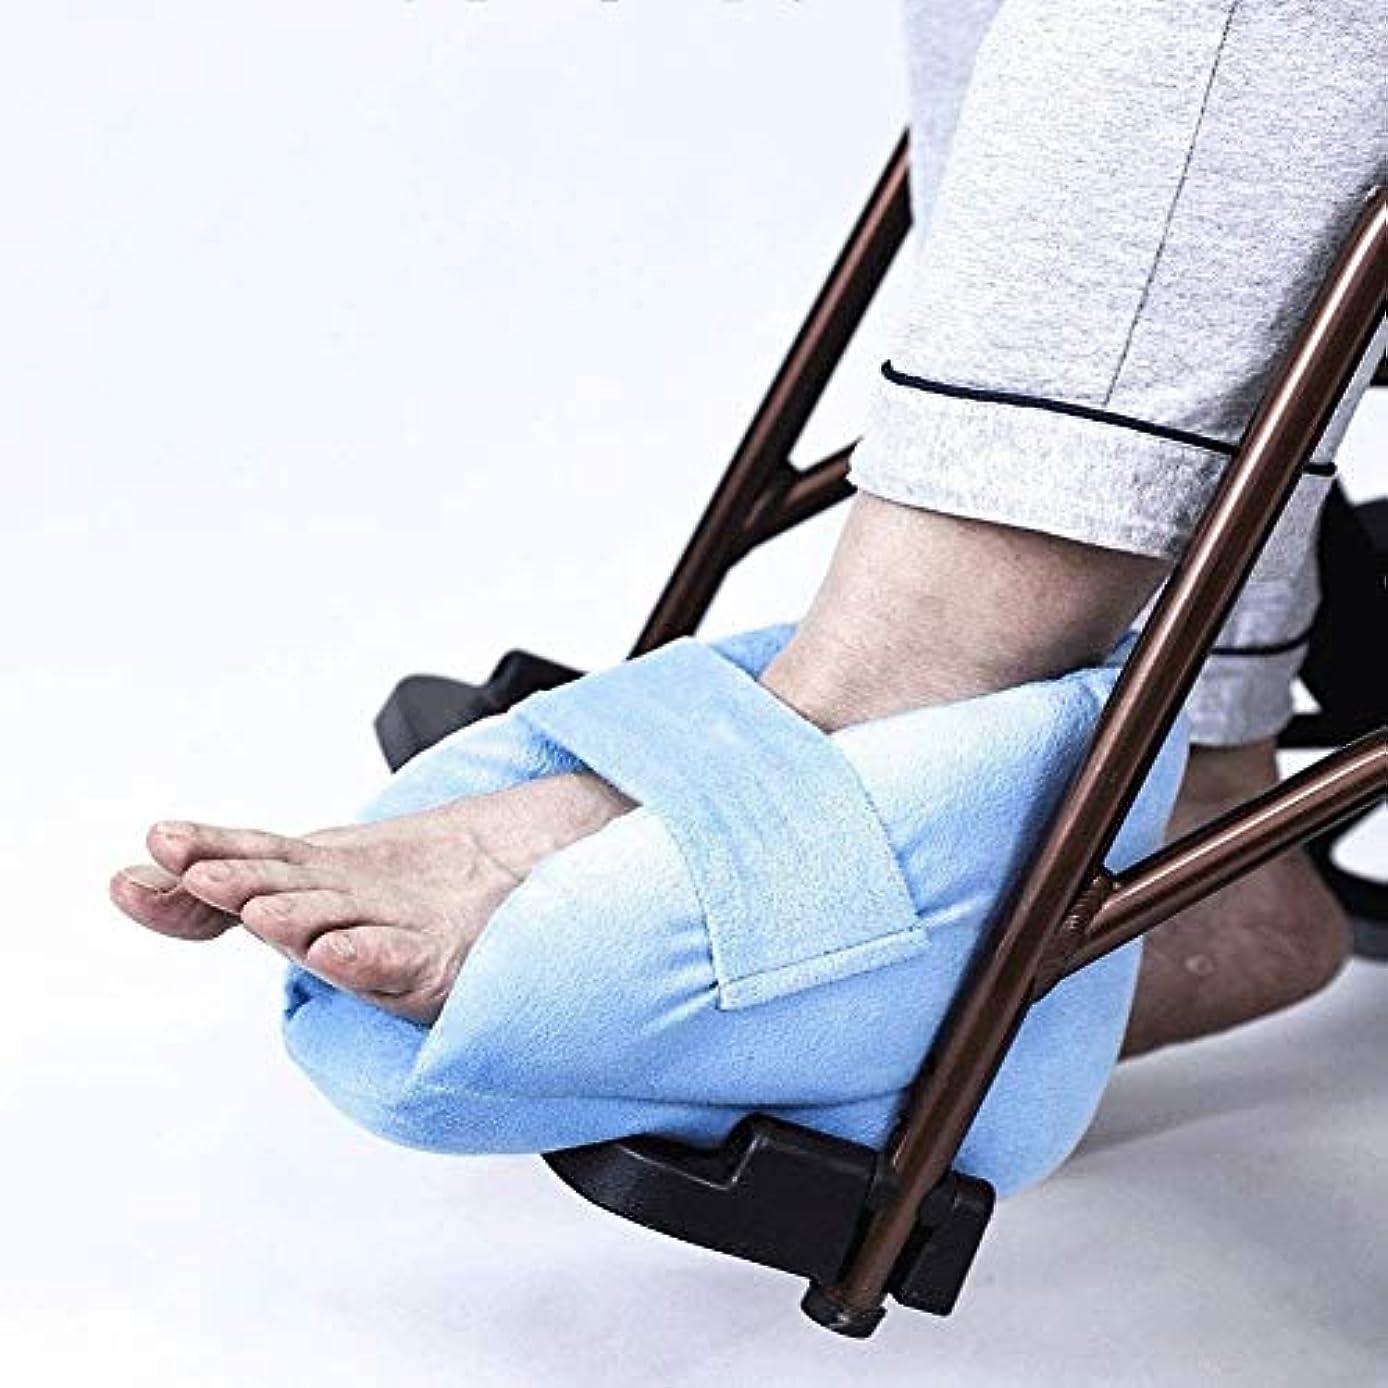 警戒開示する心理的にかかとプロテクター枕、足補正カバー圧痛とかかと潰瘍の救済 高弾性スポンジ充填、ライトブルー-1ペア